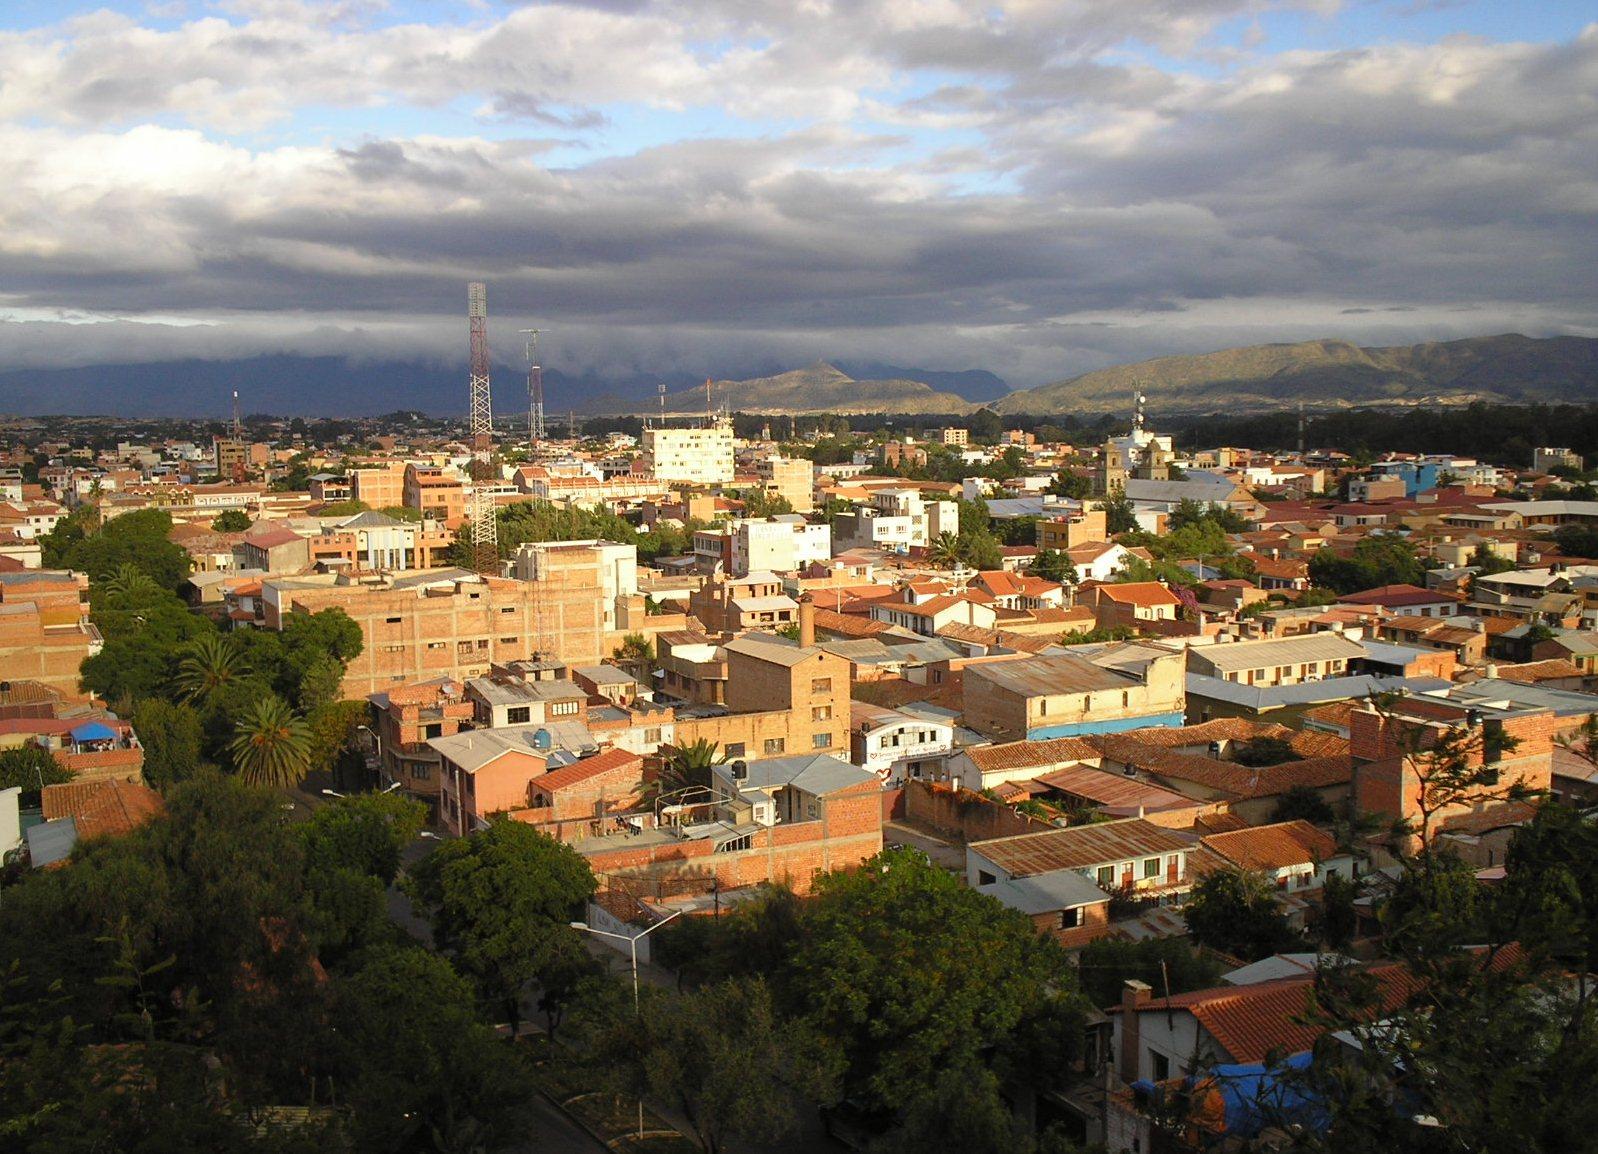 upoznavanje s santa cruz bolivije povremeni indijski izlasci